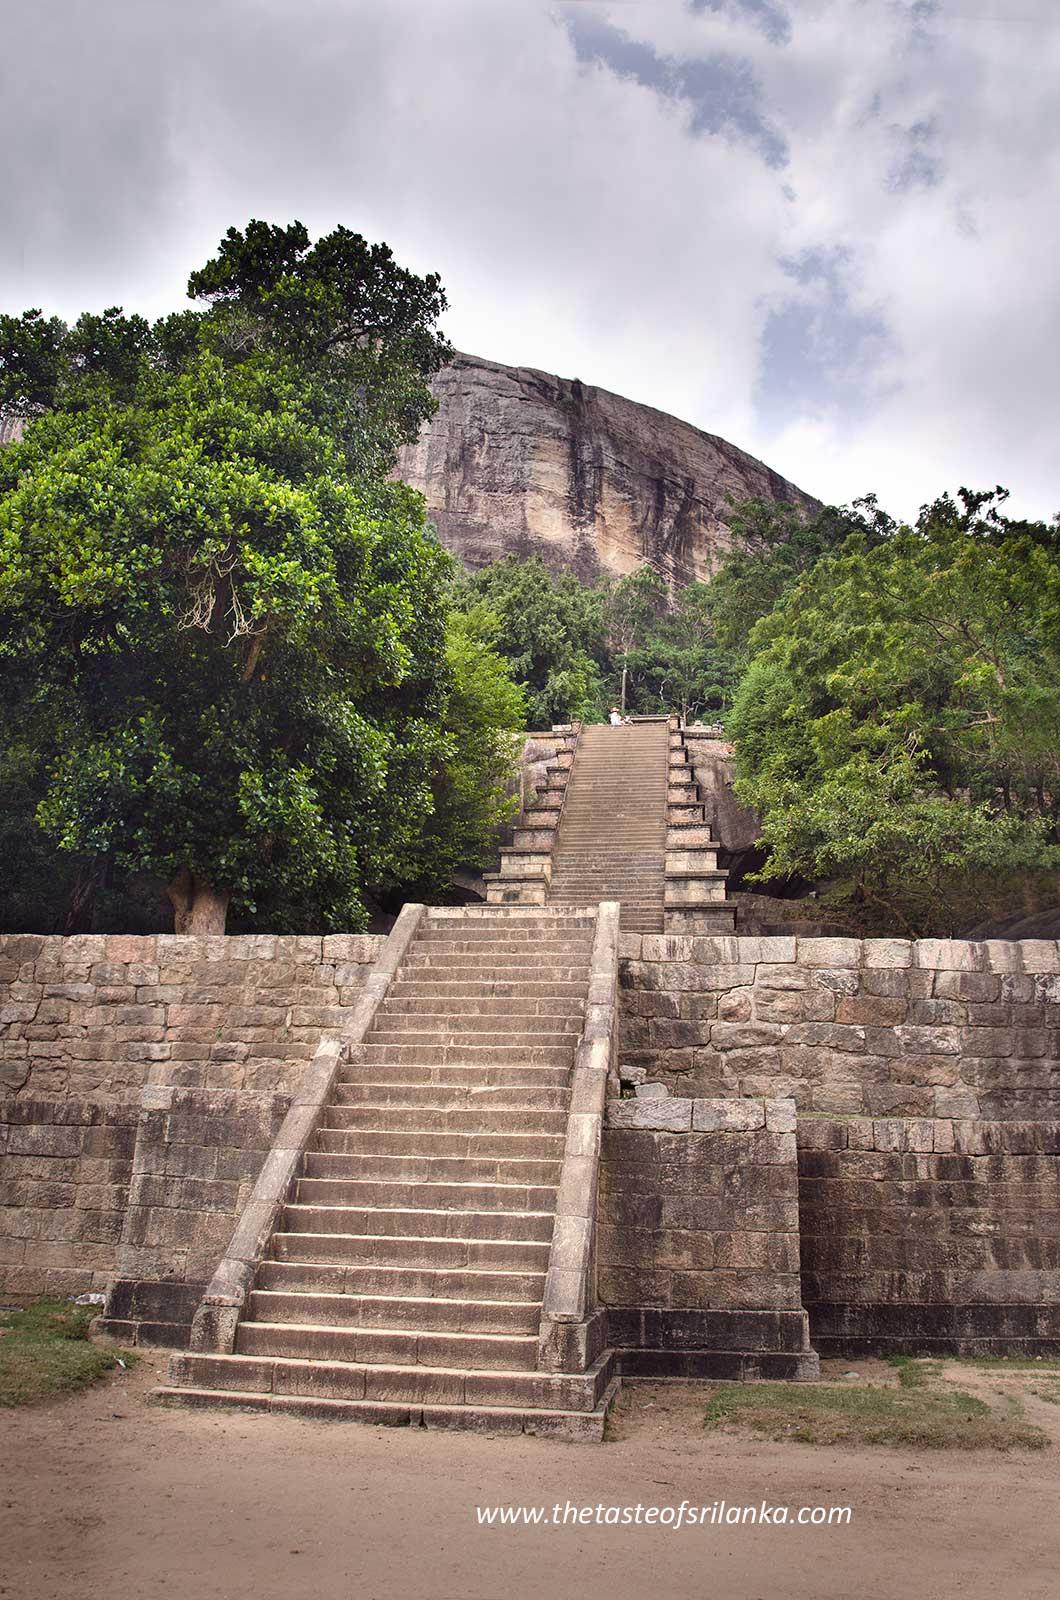 Yapahuwa, Schody do Swiątyni Zęba